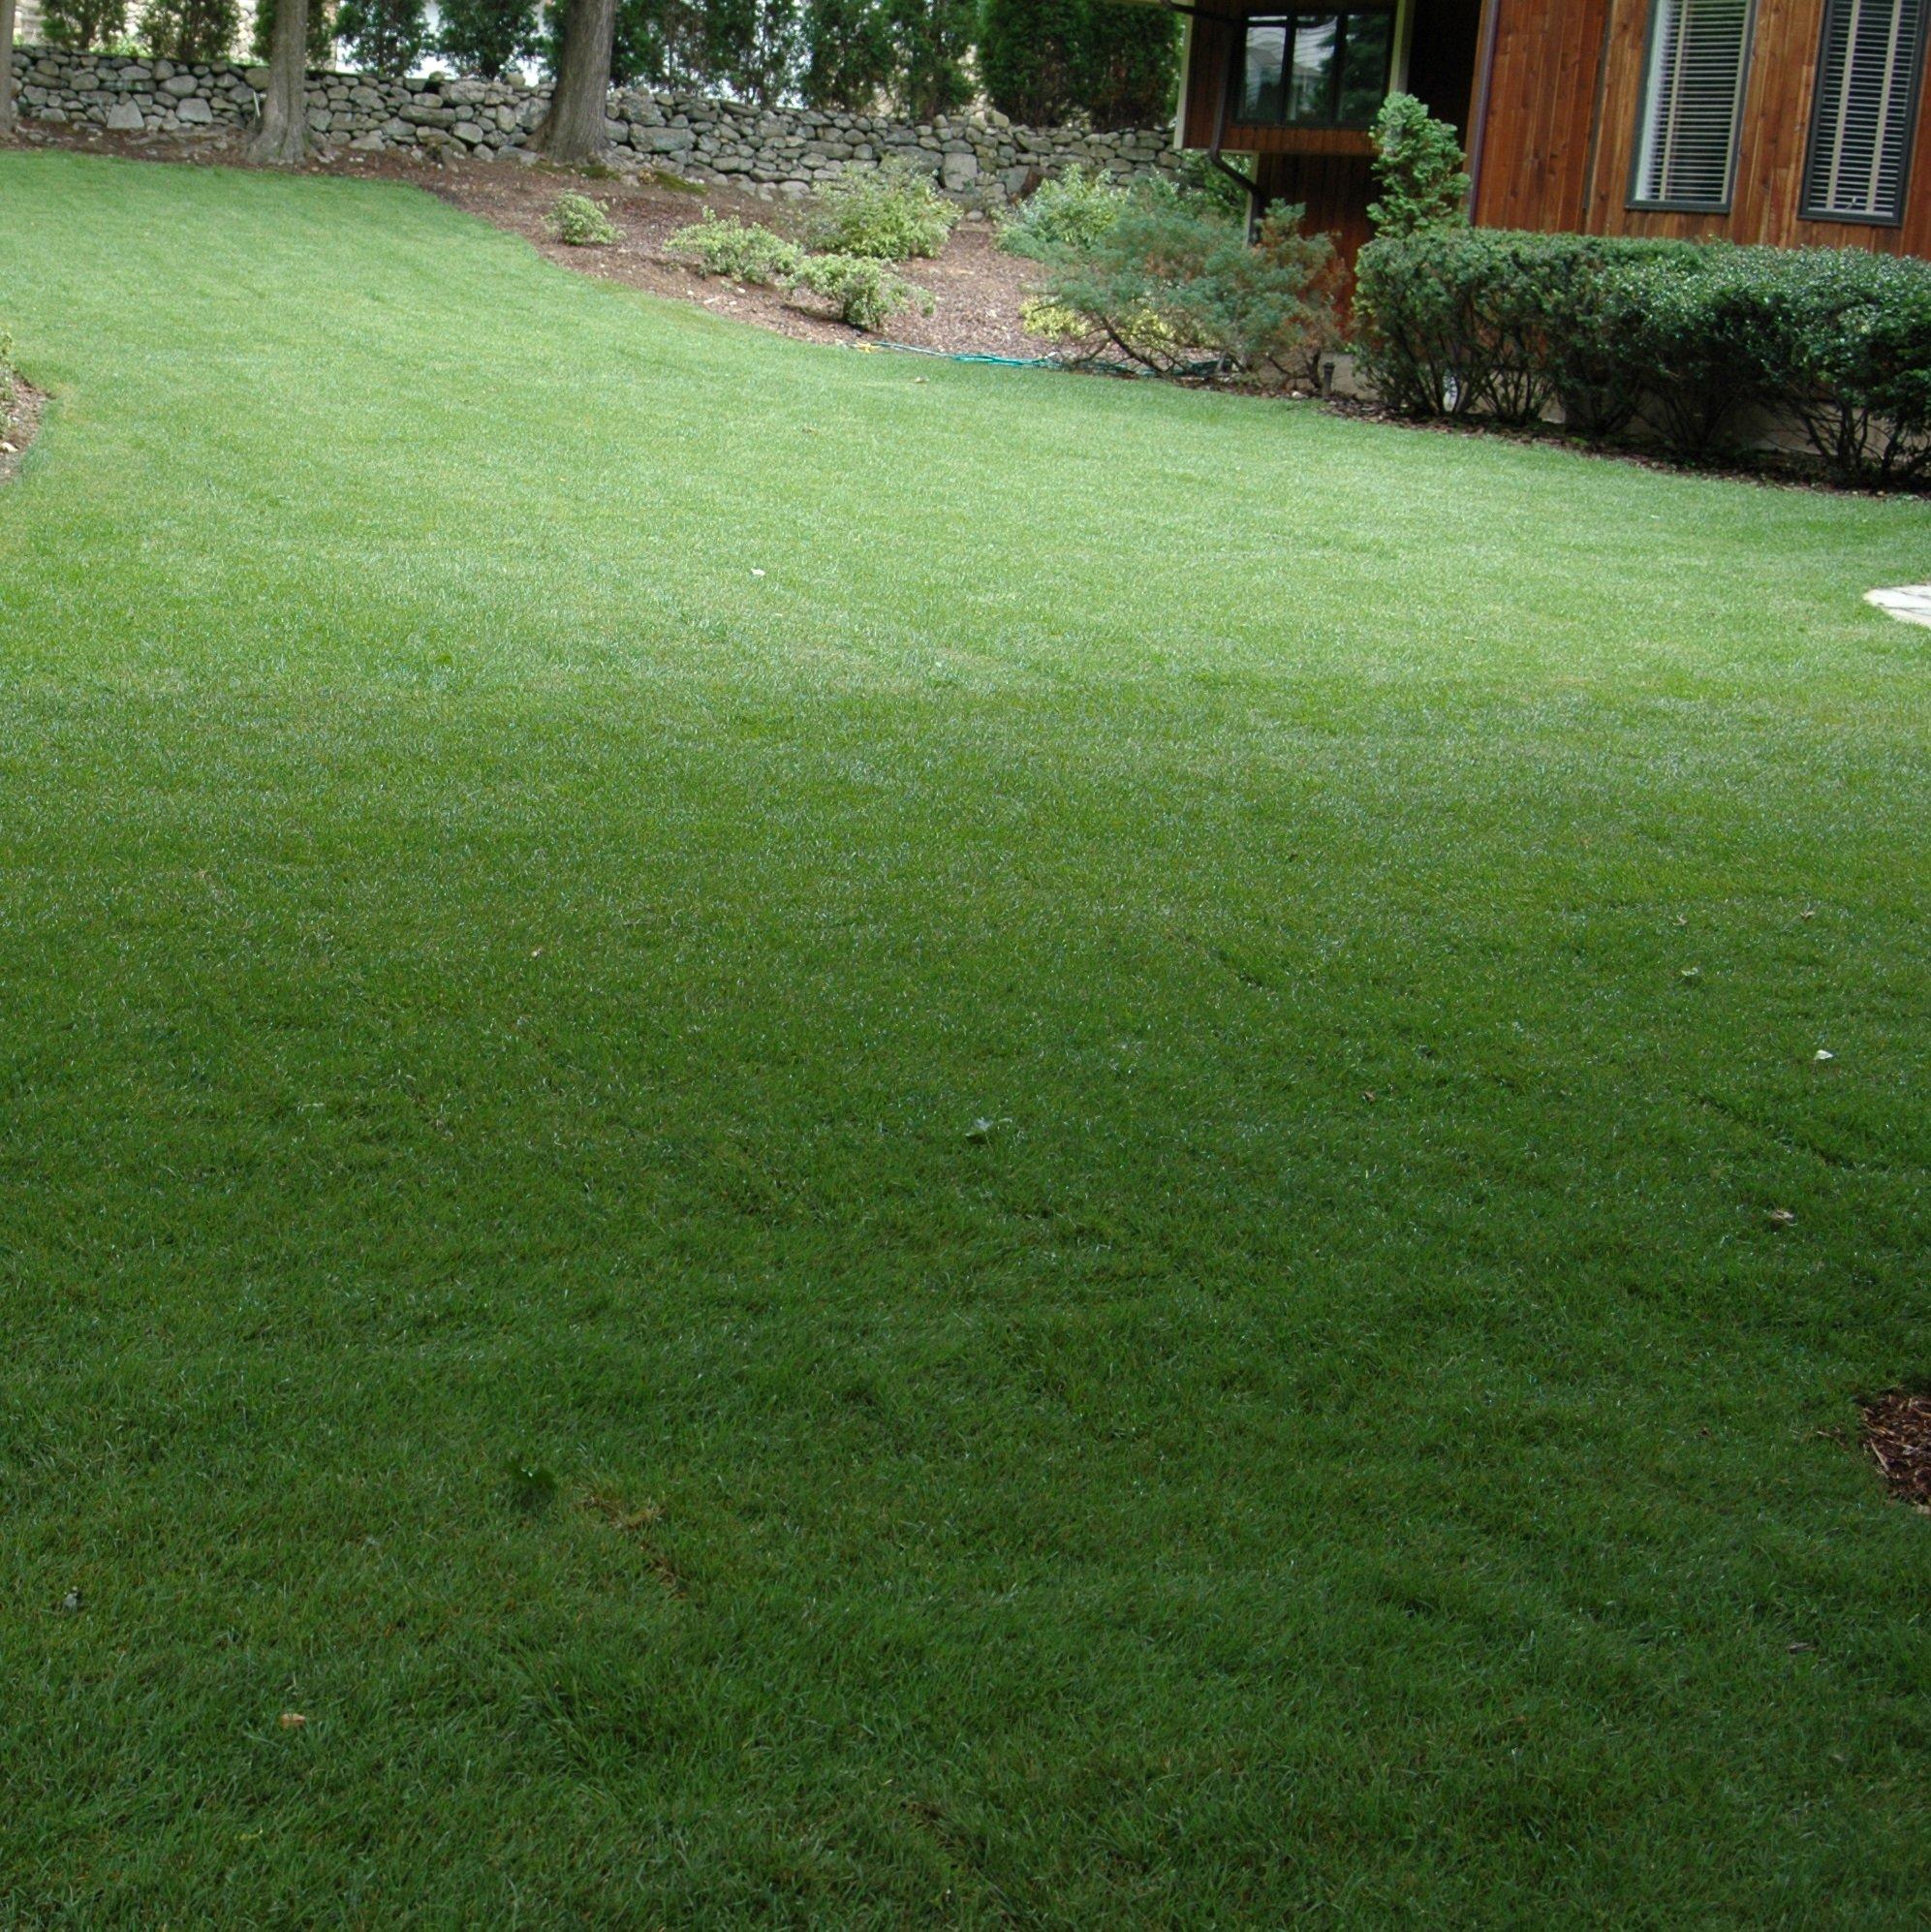 Outsidepride Midnight Kentucky Bluegrass Lawn Grass Seed - 5 LBS